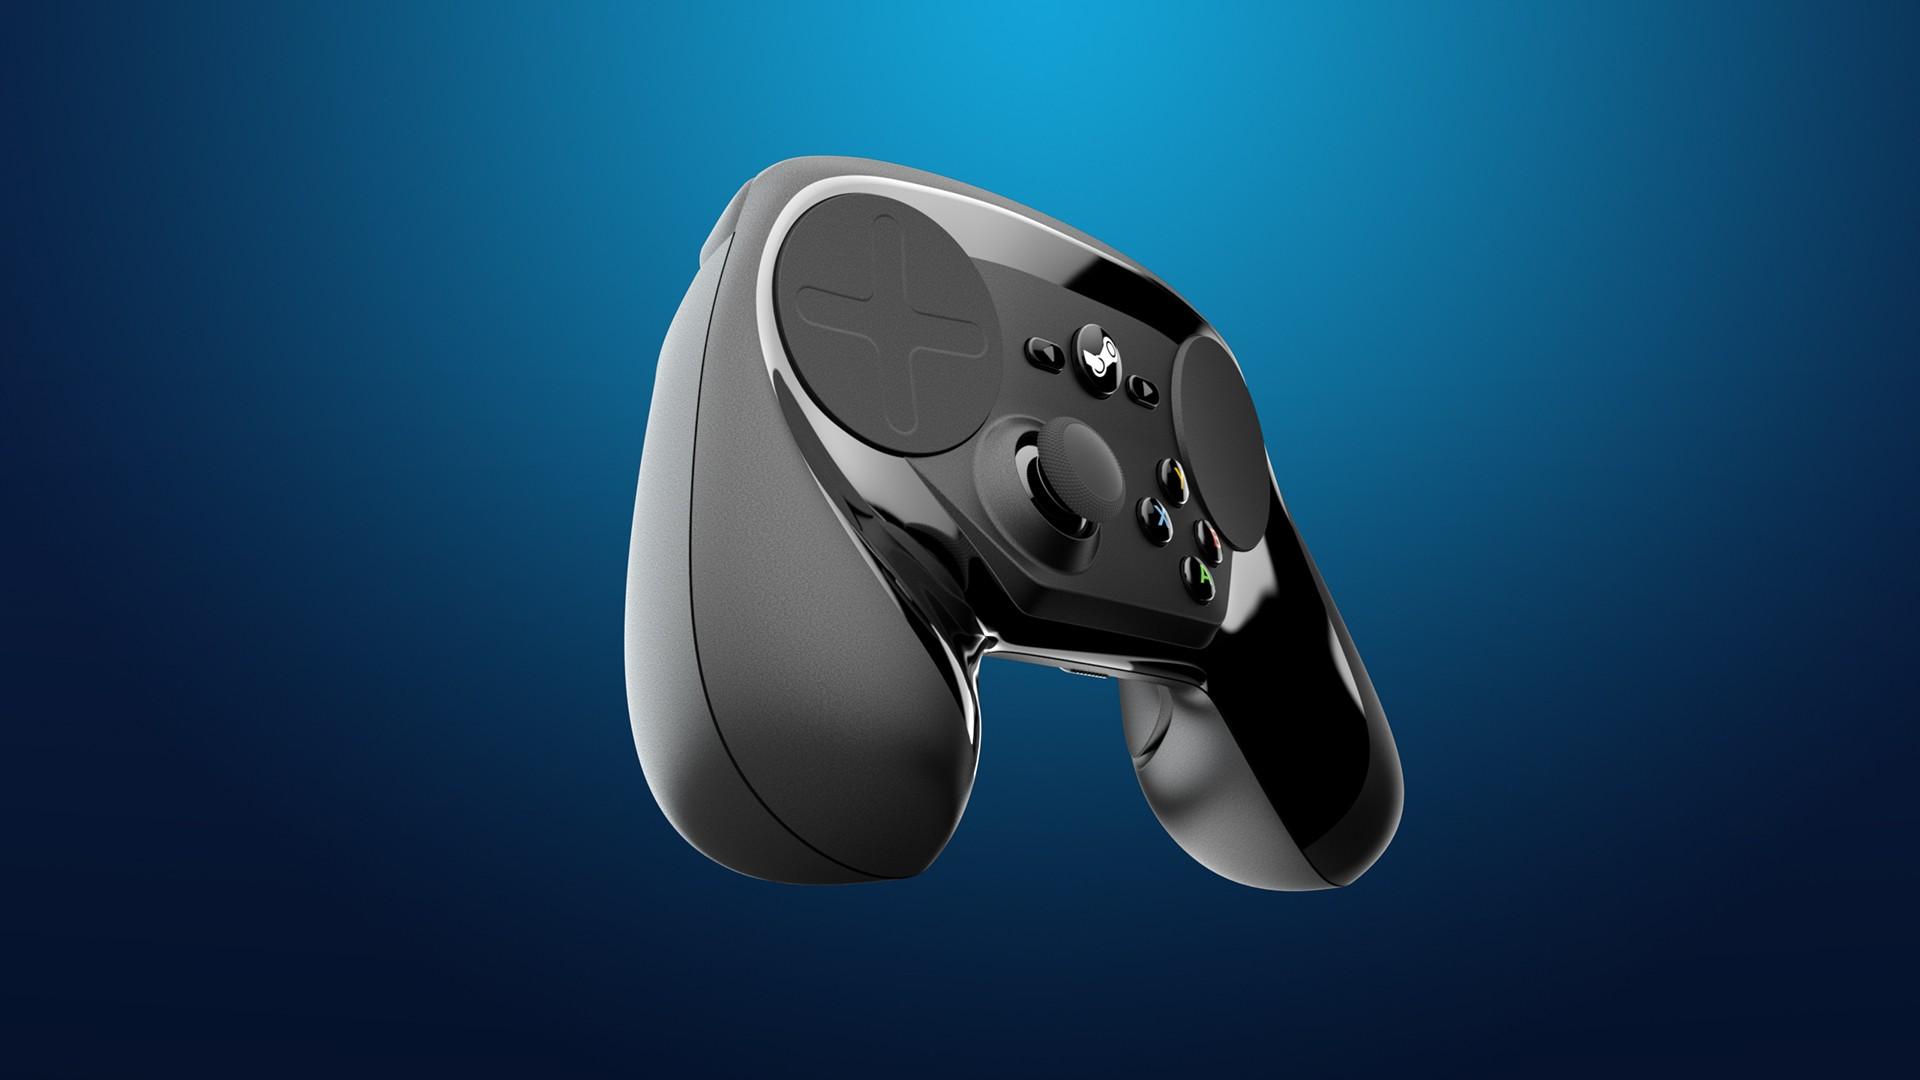 RECENZE : Steam Controller není jen herní ovladač 11014